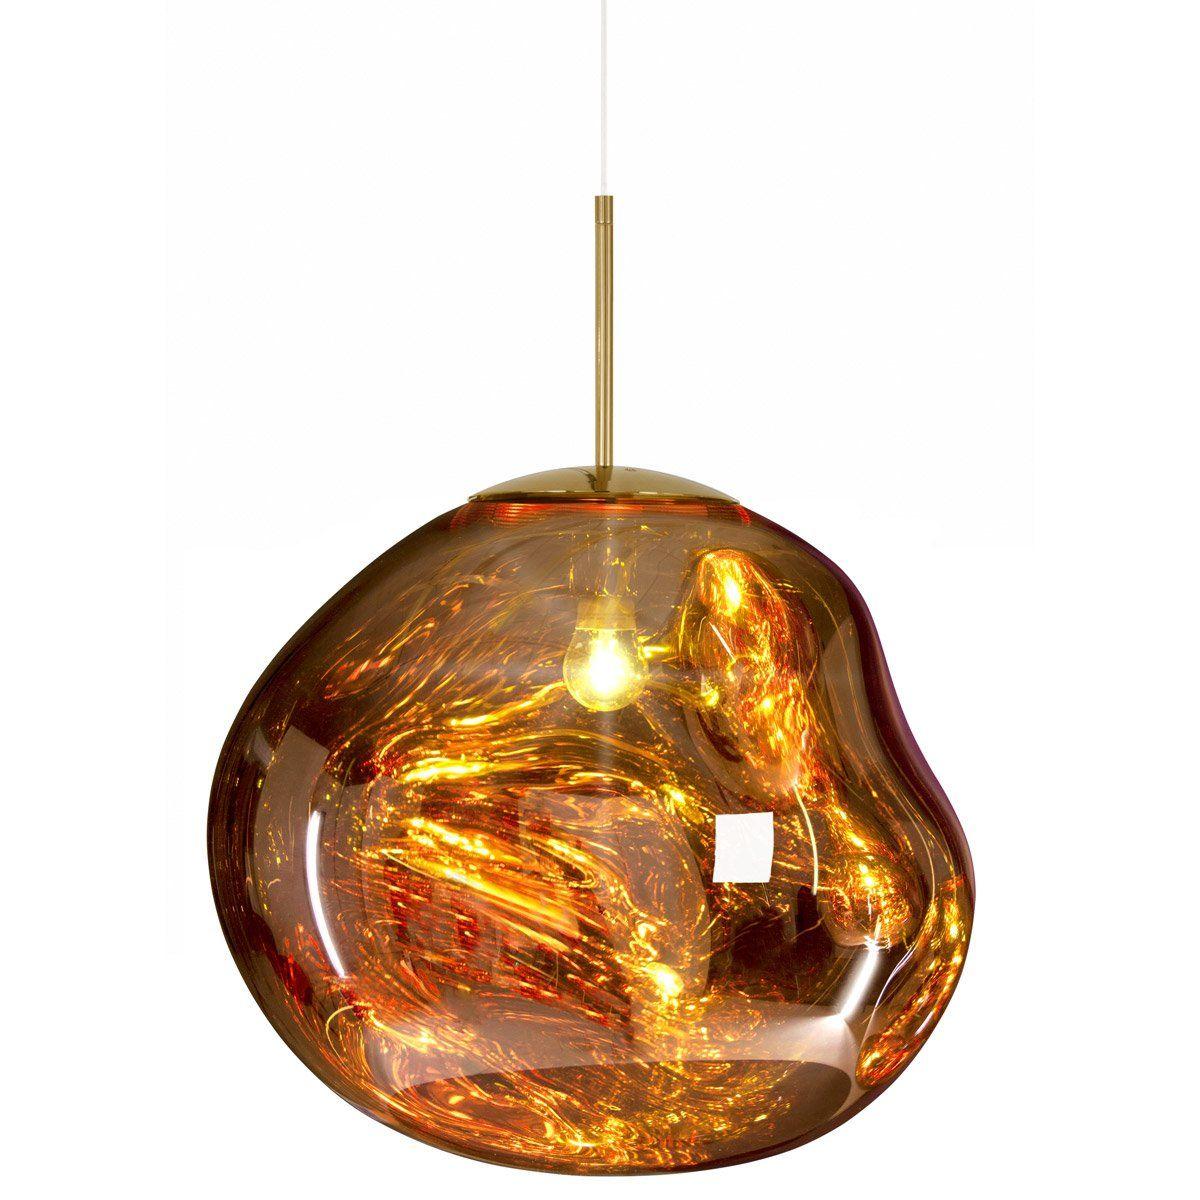 Melt Pendant Gold In 2020 Tom Dixon Melt Gold Pendant Lighting Ceiling Pendant Lights